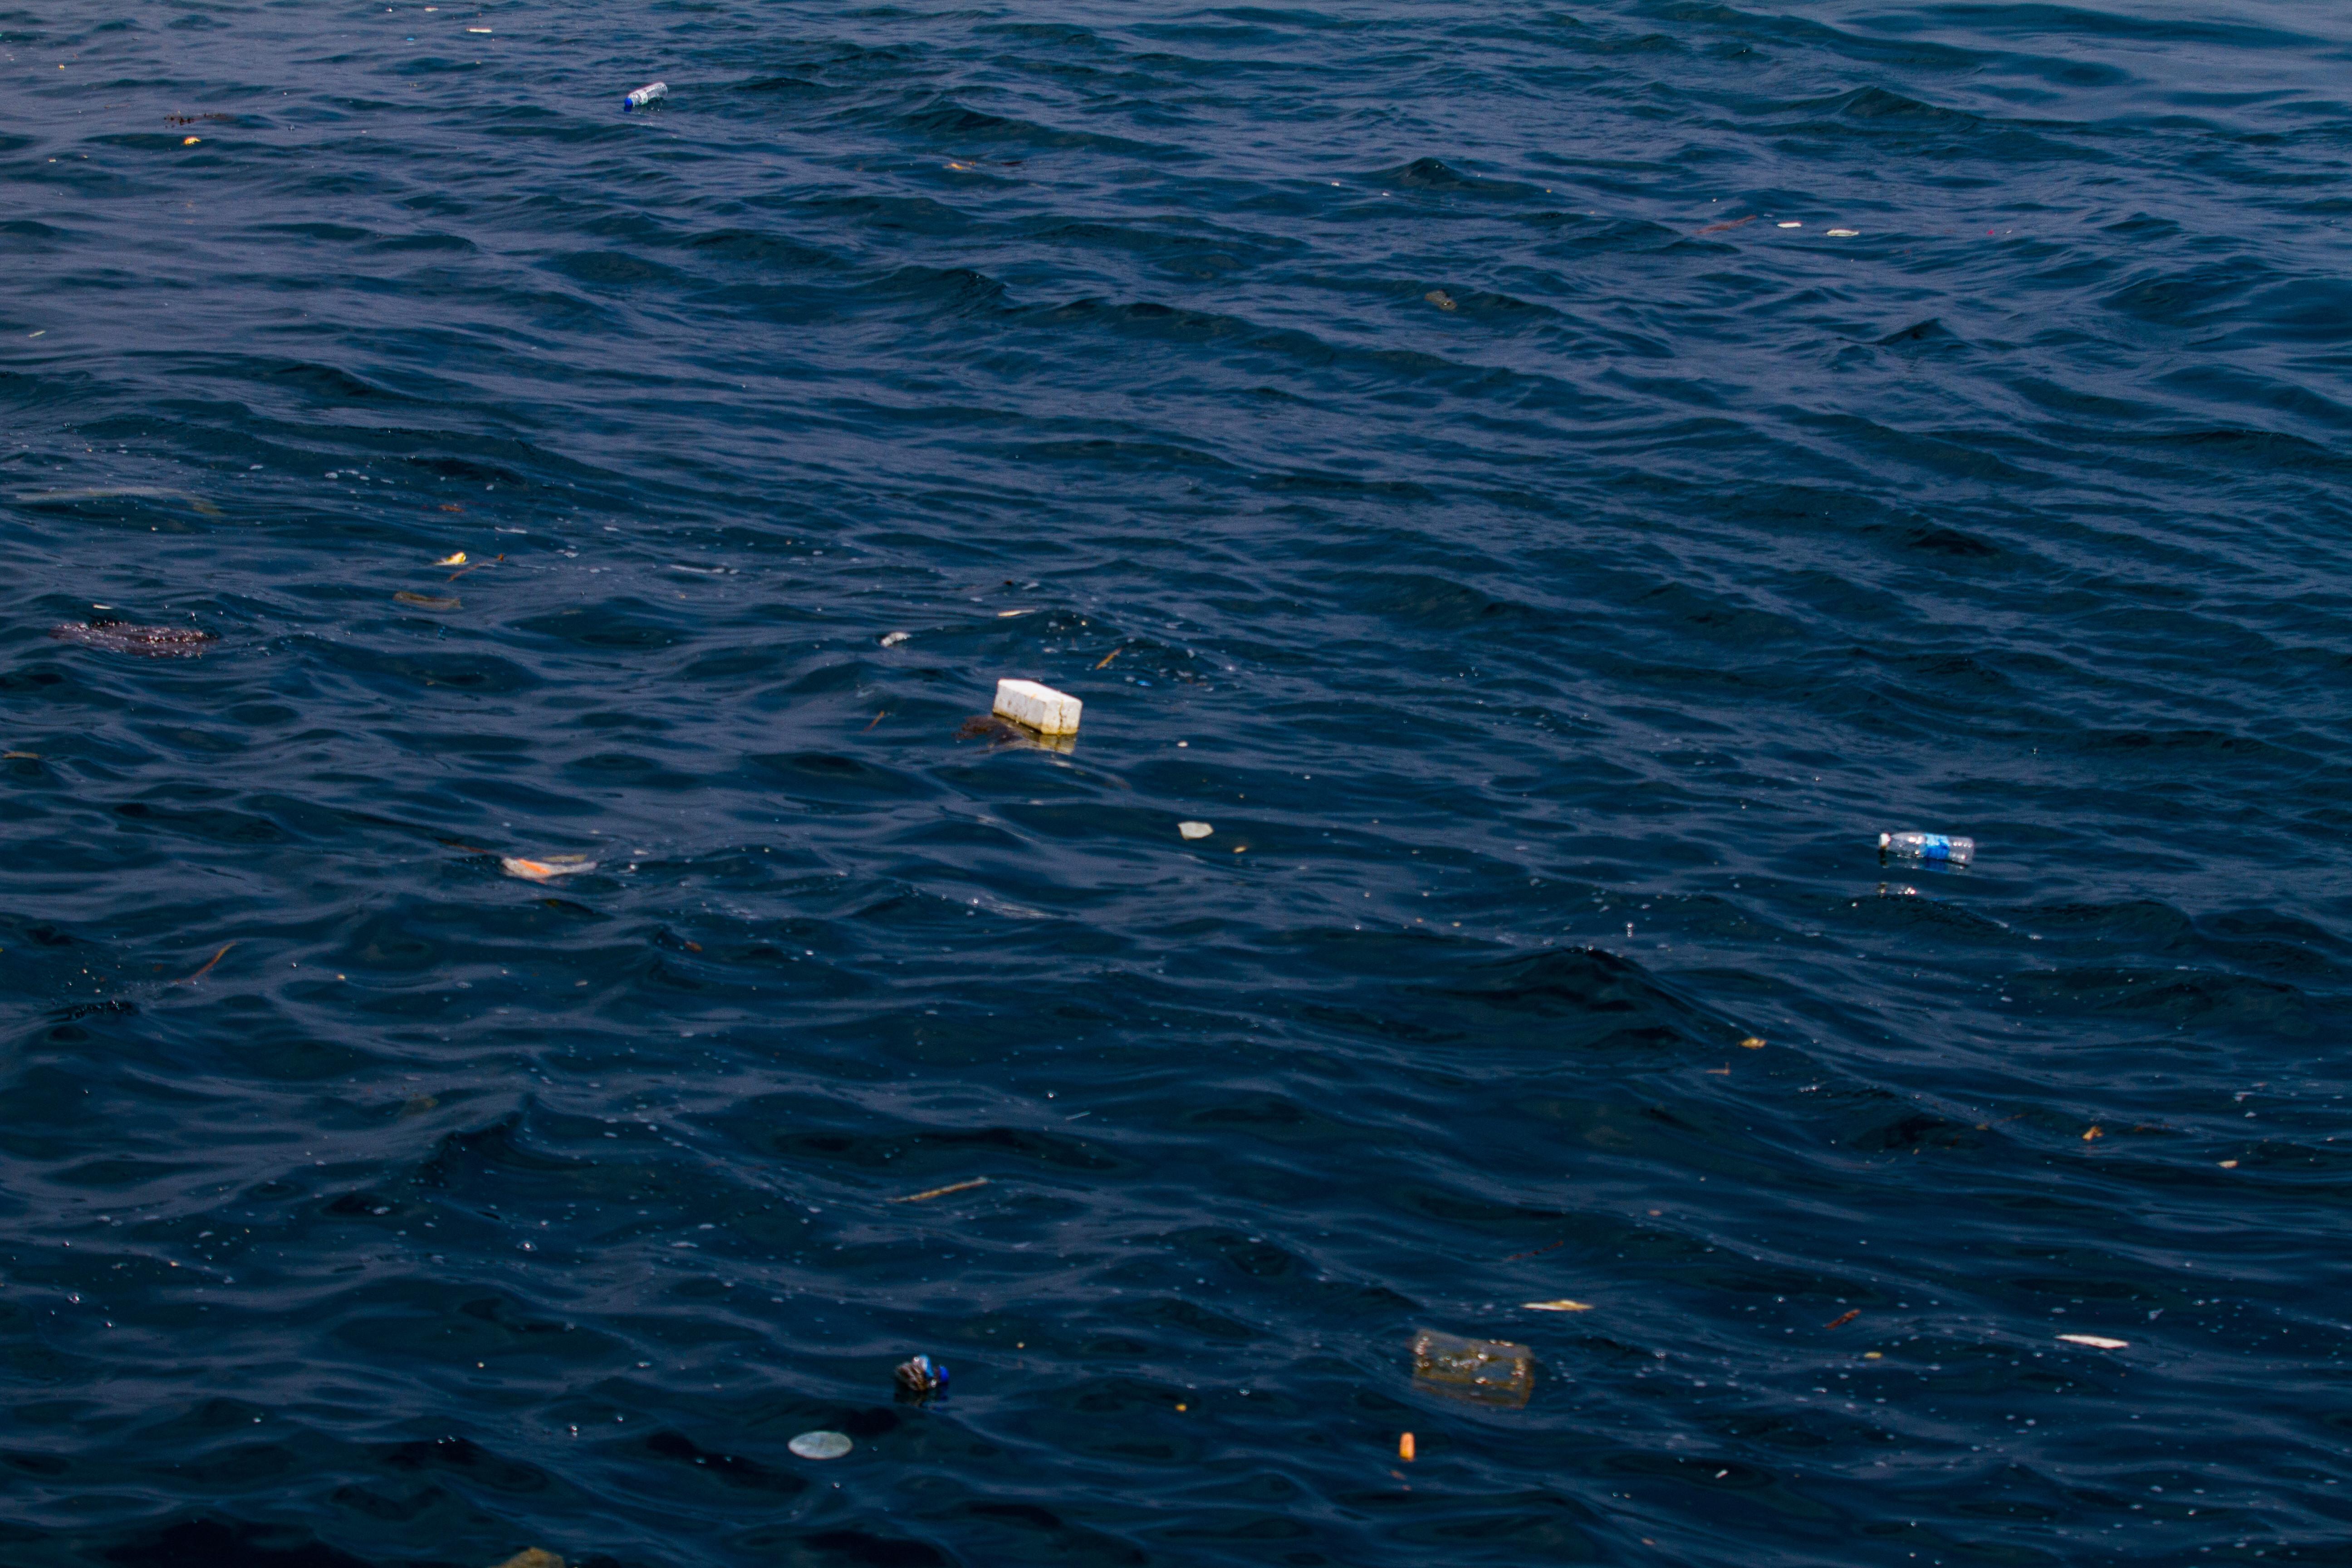 海漂垃圾.(图/黑潮海洋文教基金会提供)